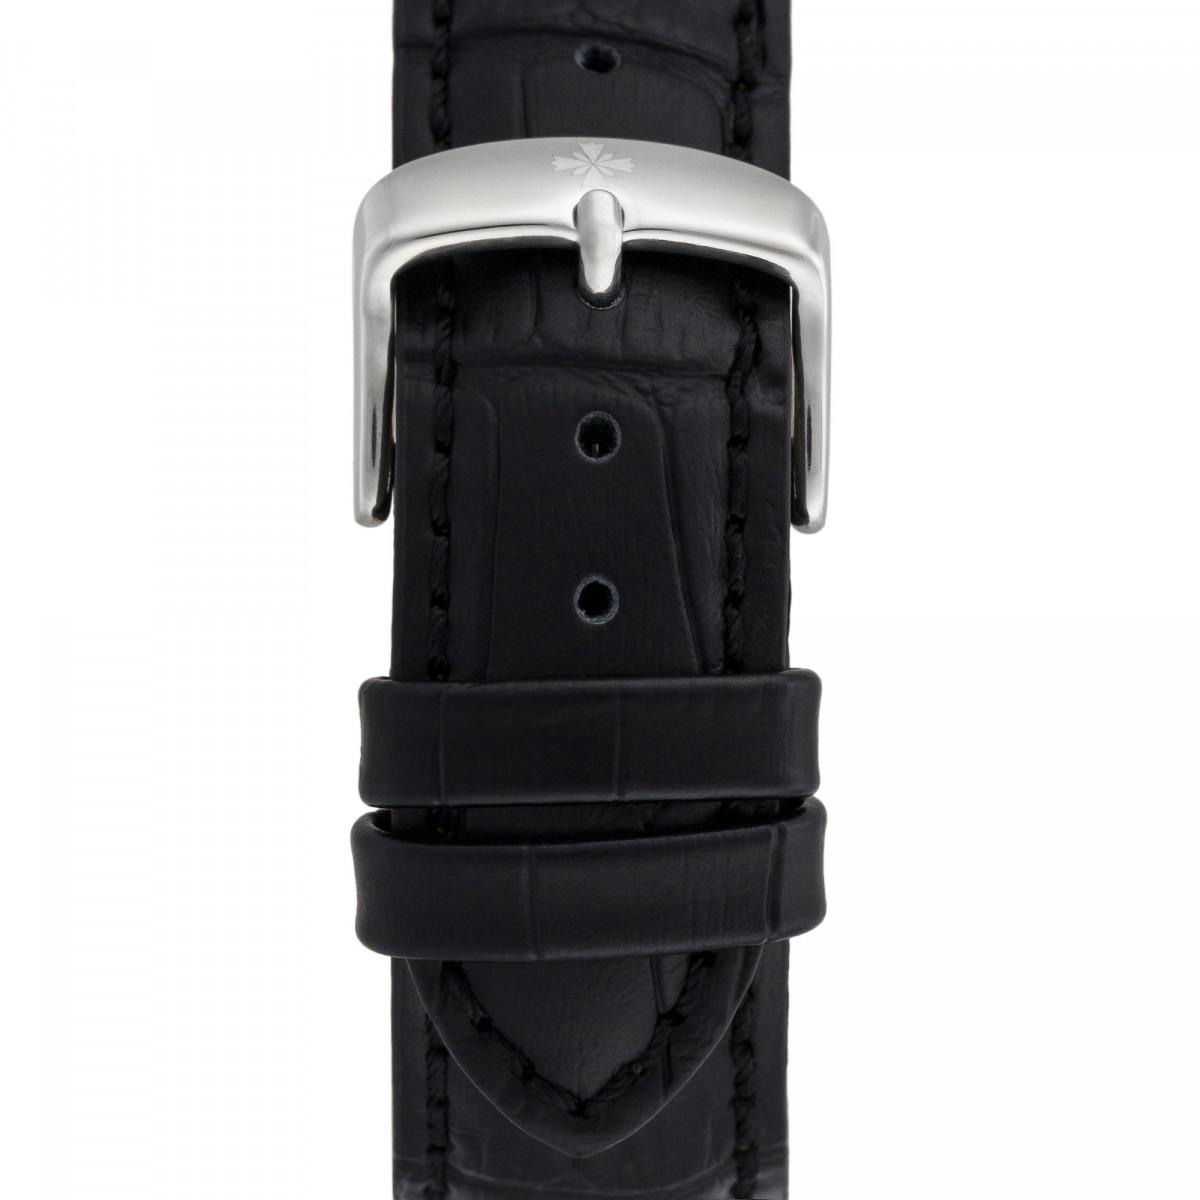 Montre Louis Cottier STORYMATIC Automatique 43 mm Bleu marine boitier argenté - bracelet noir - HB34330C1BC1